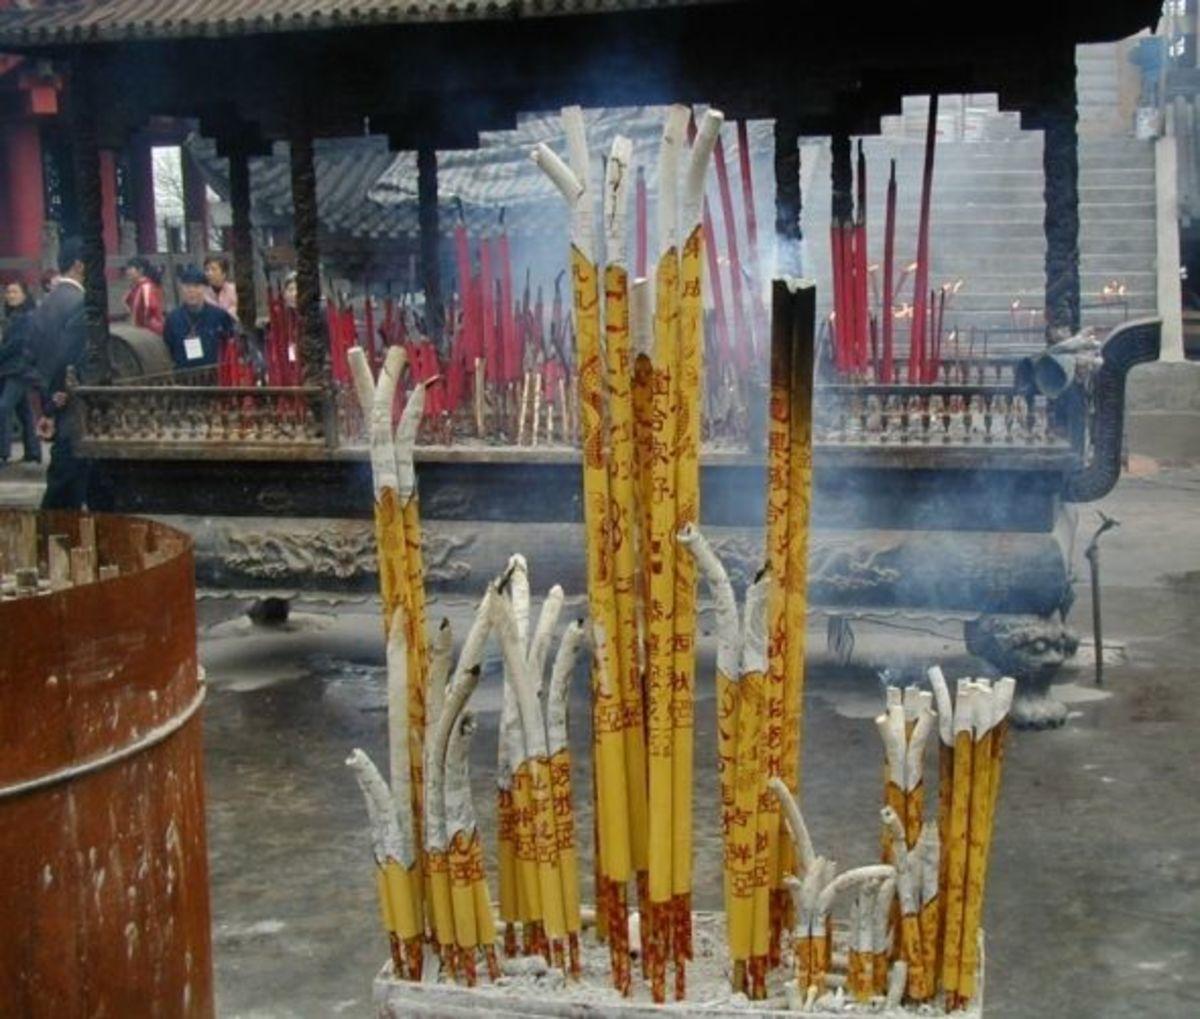 incense burners Ciqikou, Chong Qing